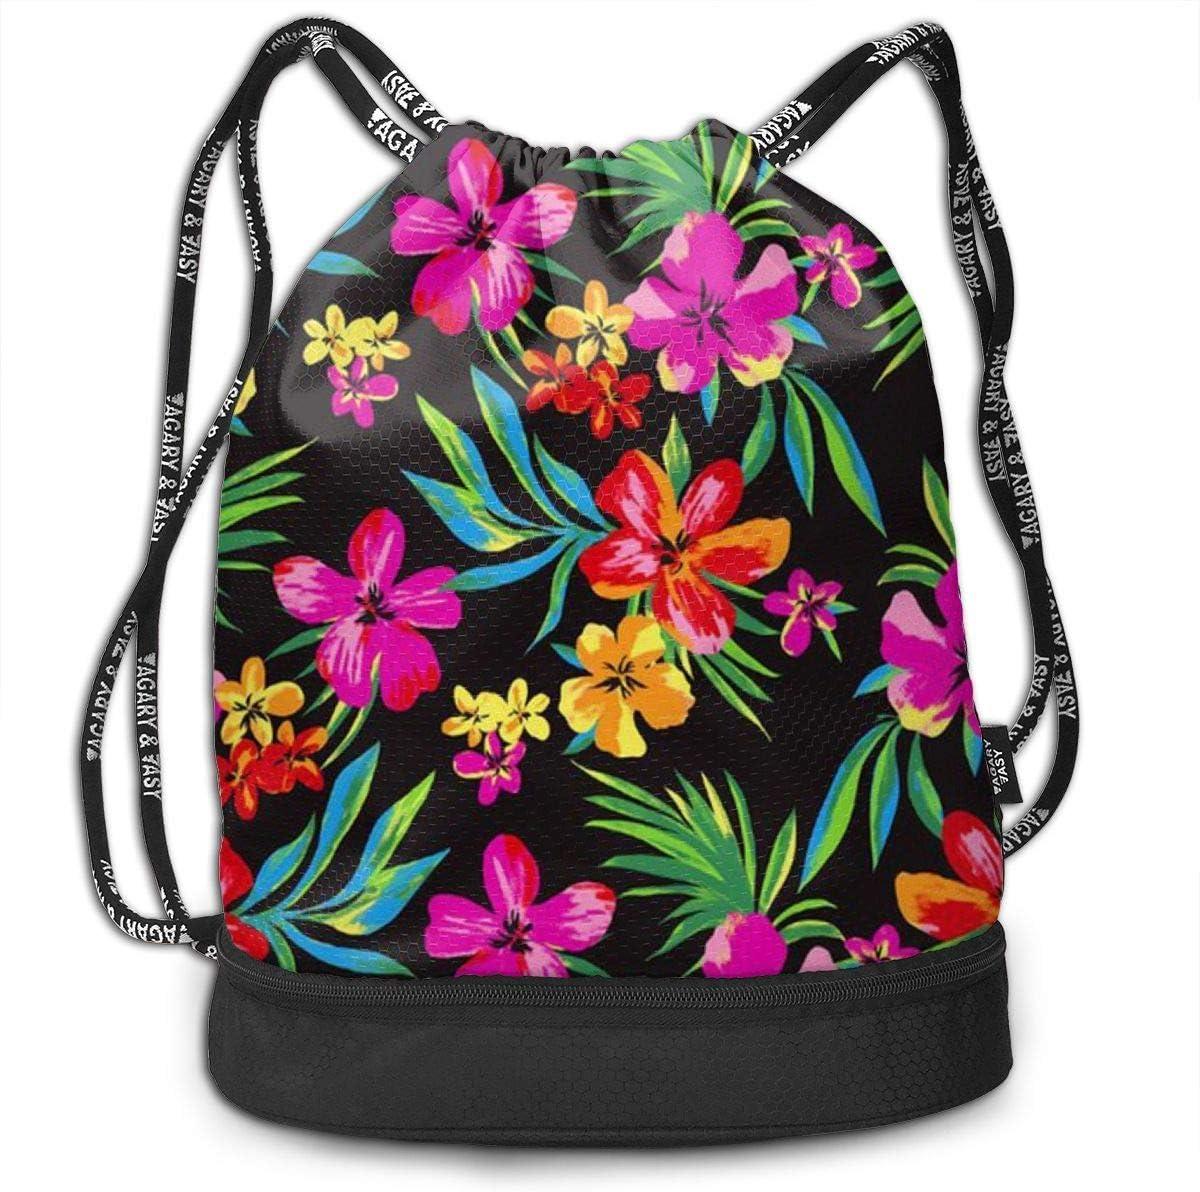 Mochila gótica de Viaje con cordón para Guardar la Marihuana y el Humo, Ideal para Hombres y Mujeres, niños y niñas, Color Hawaiian Colorful Flower, tamaño One_Size